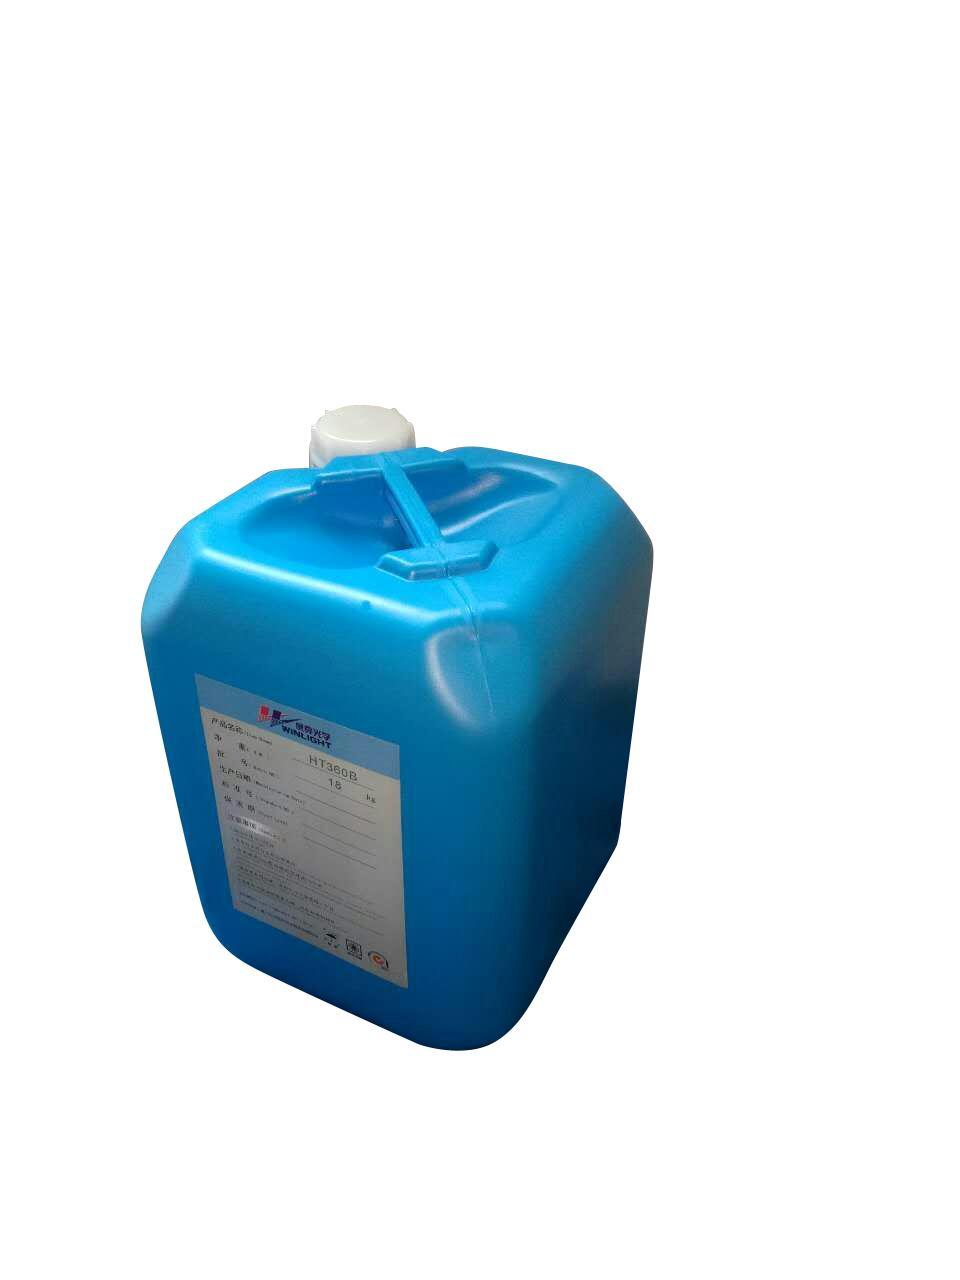 HT360B强化液